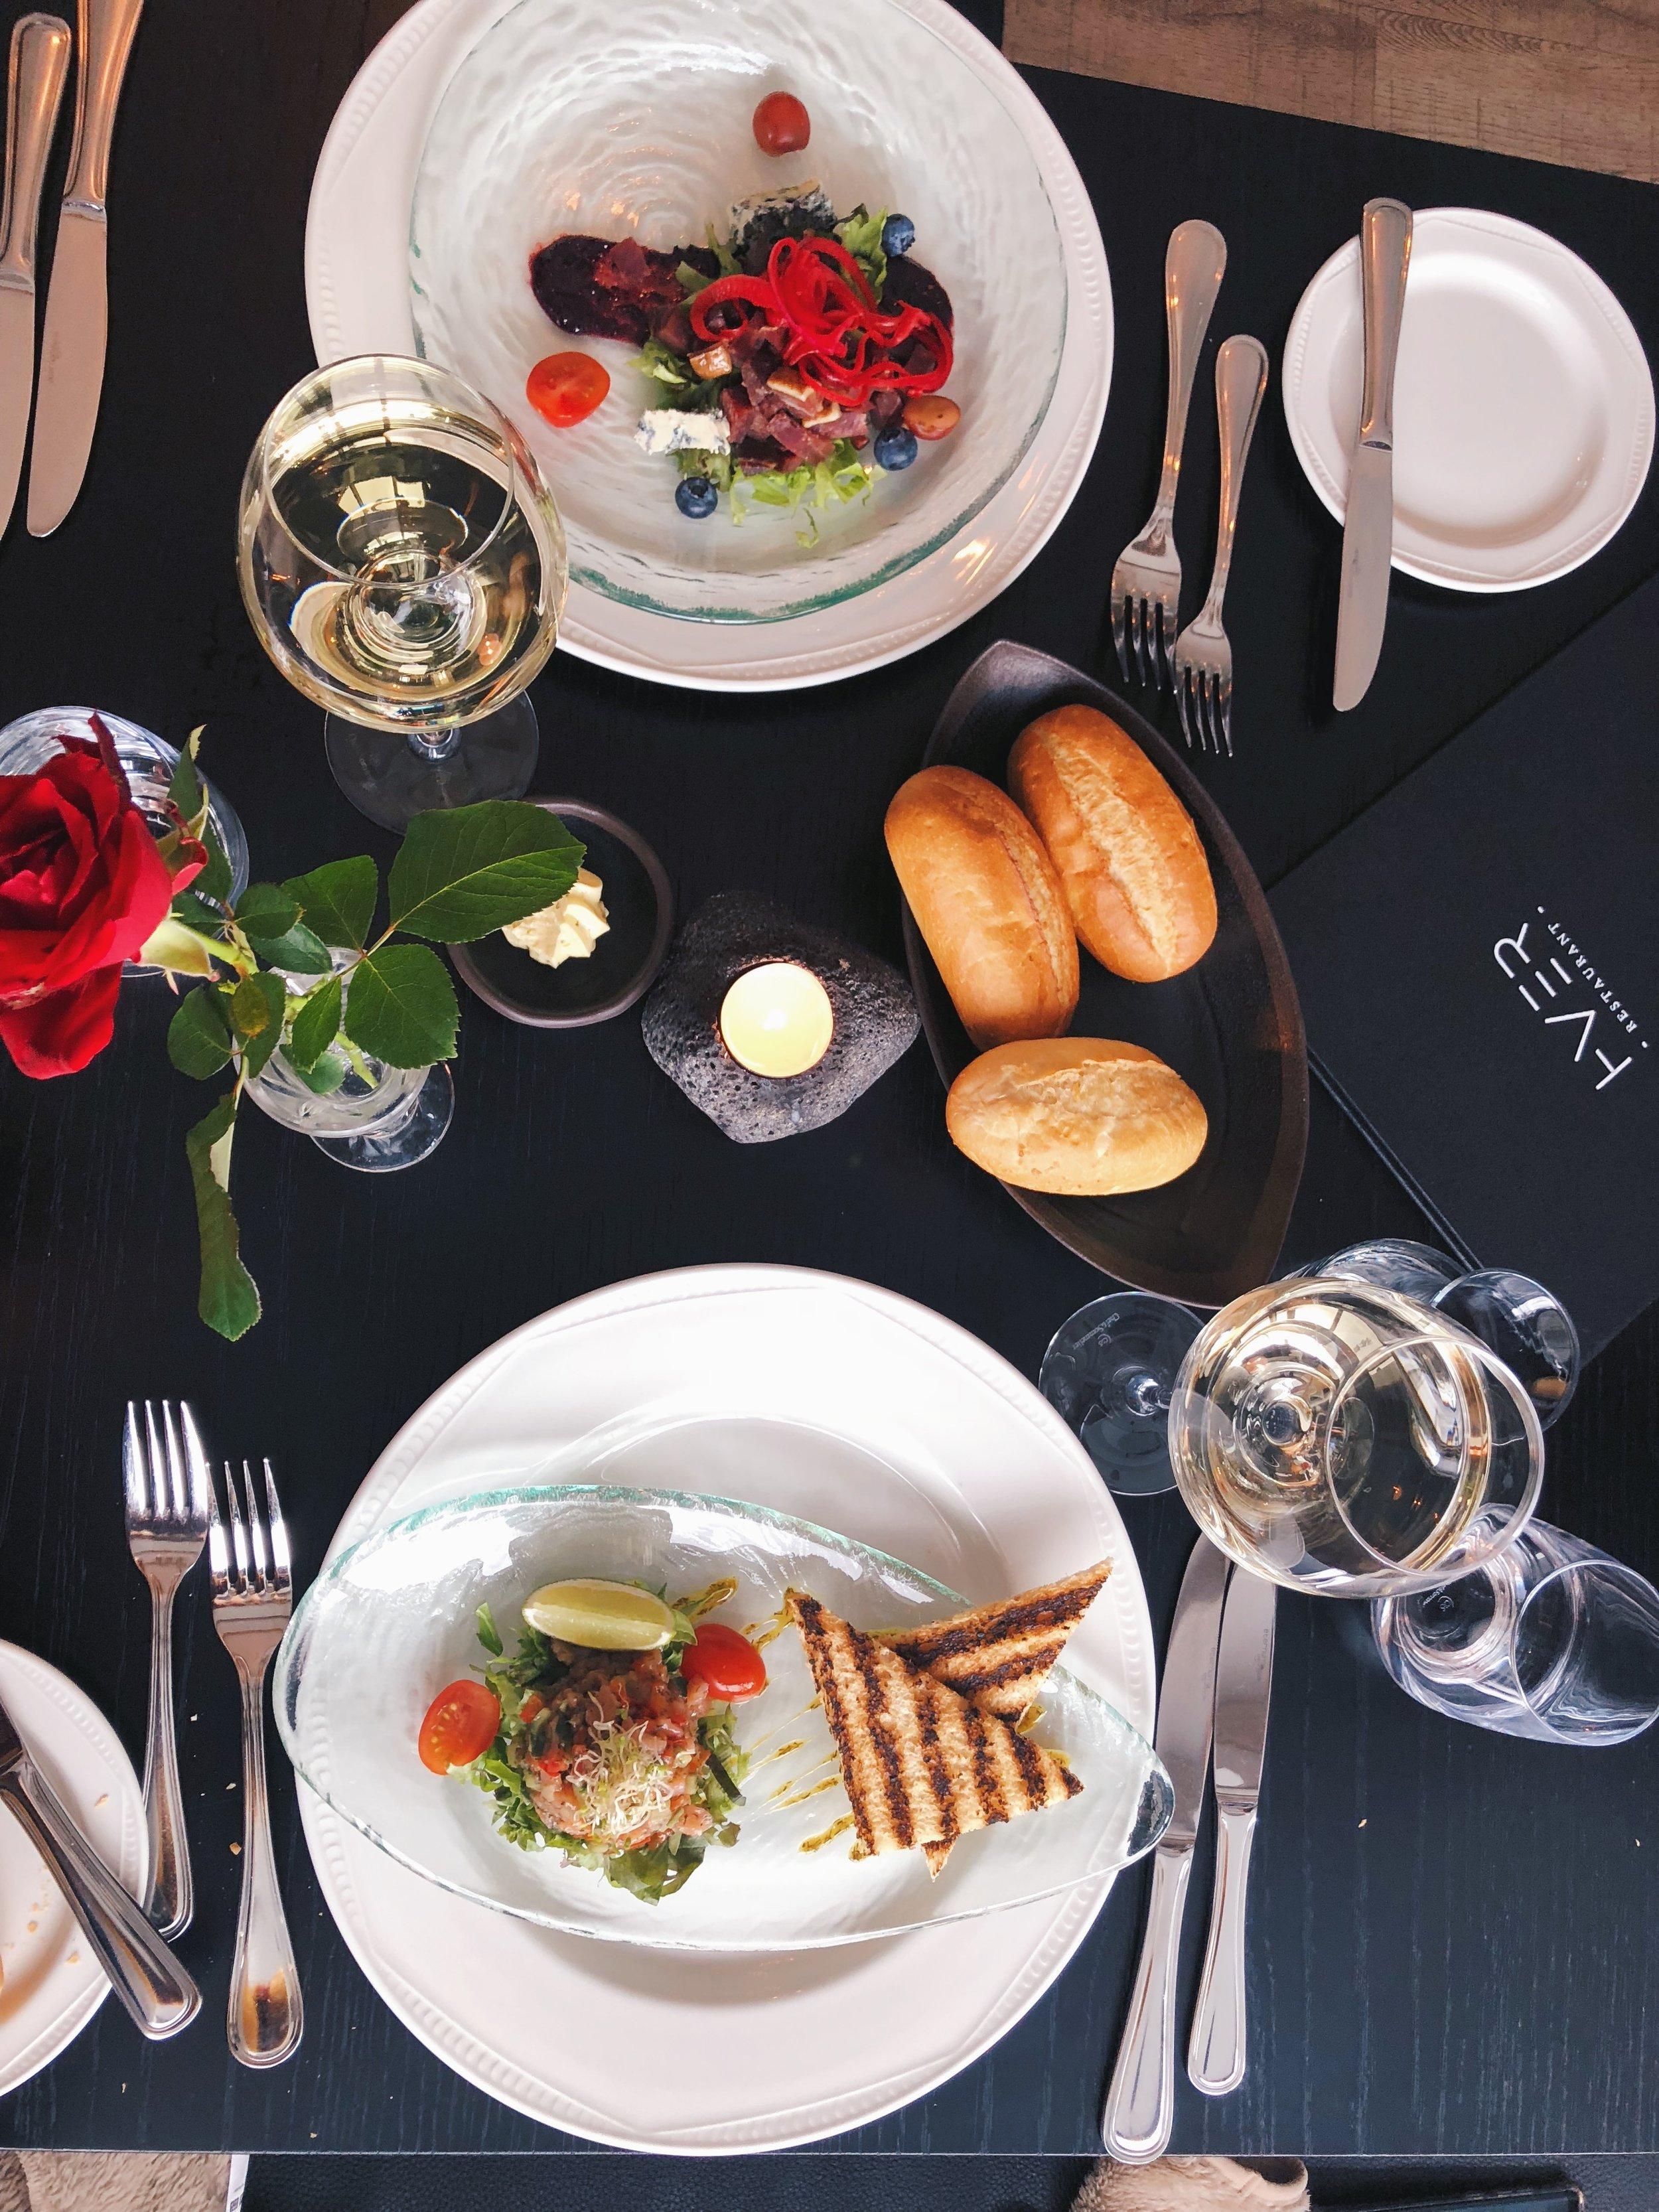 HVER Restaurant in Hotel Örk